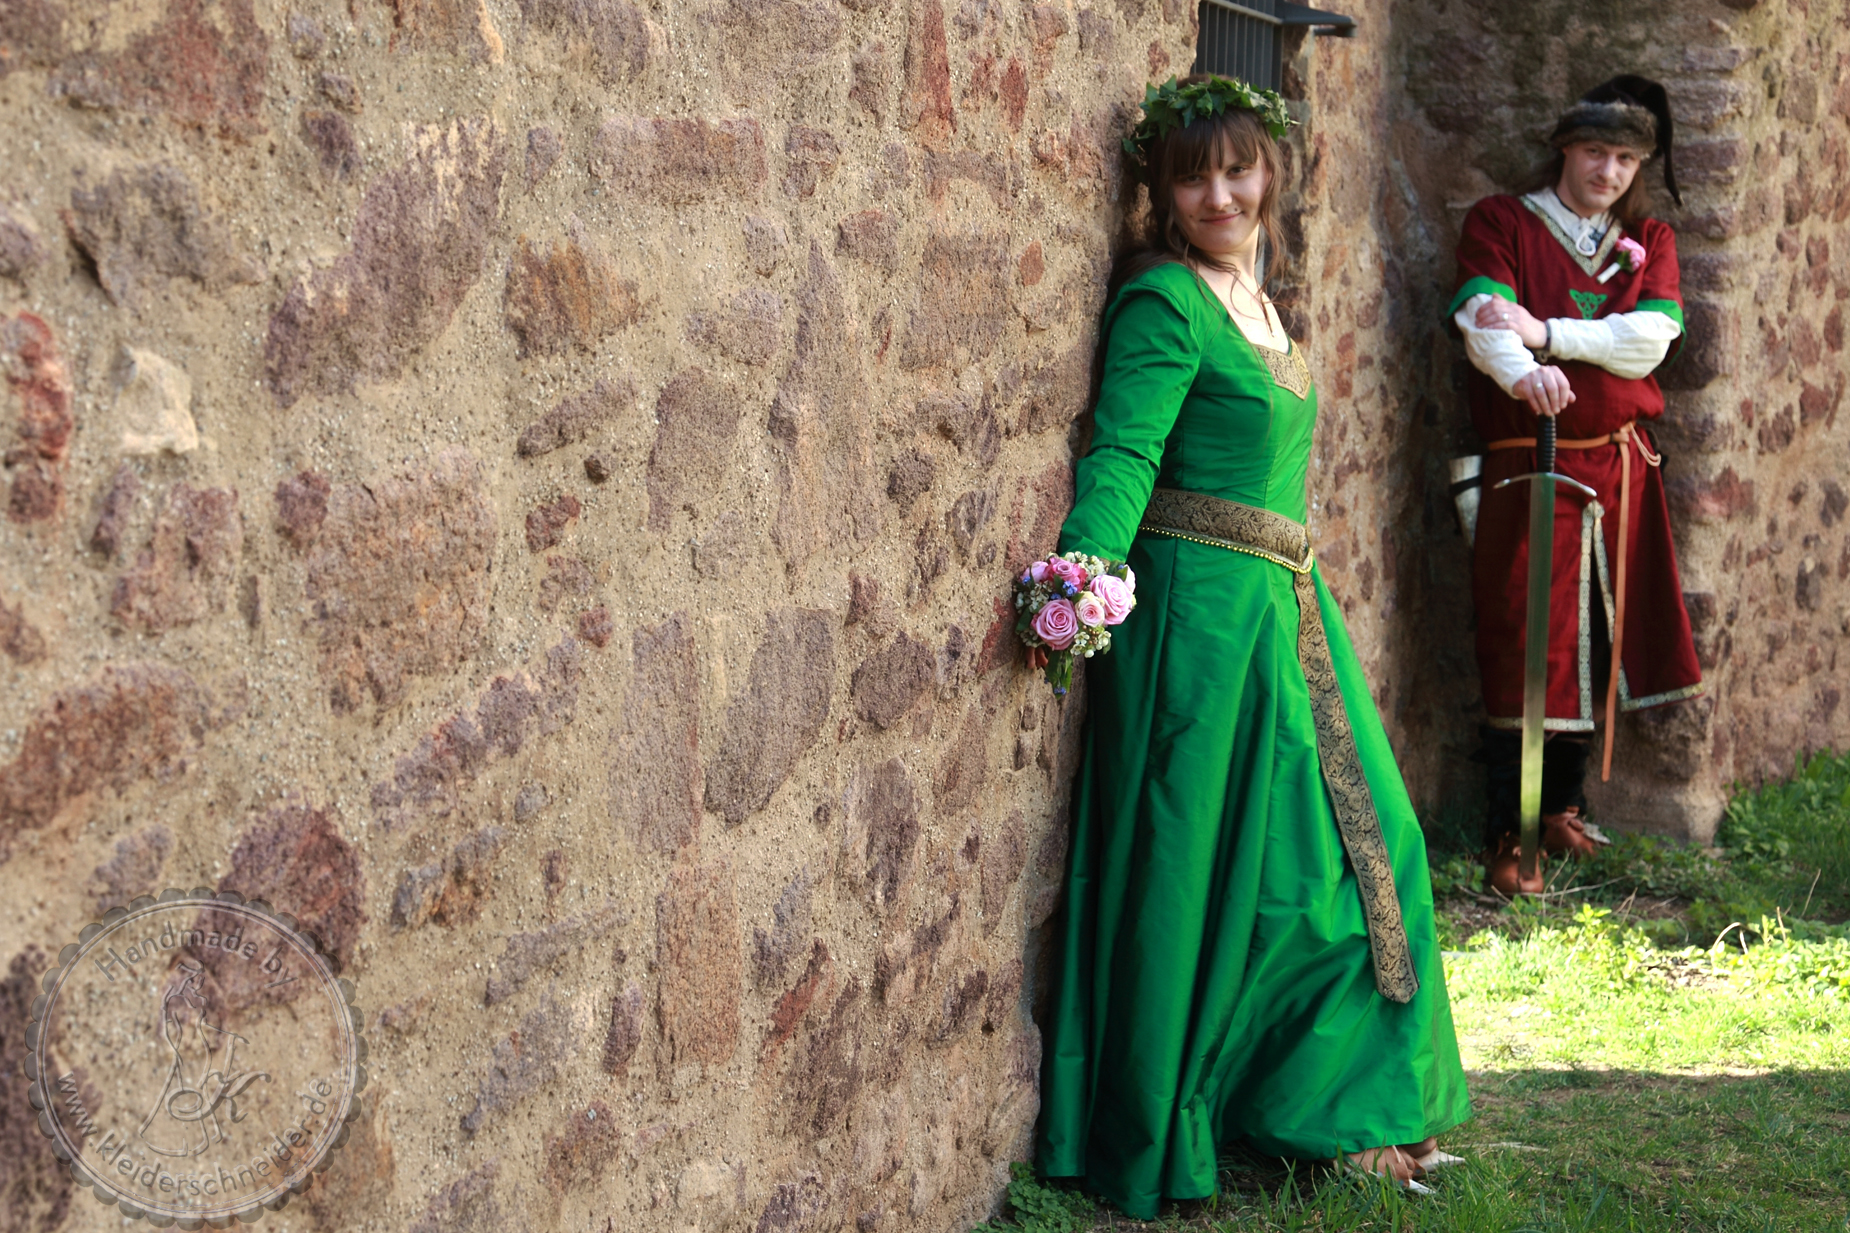 mittelalterliche Hochzeitsgewänder